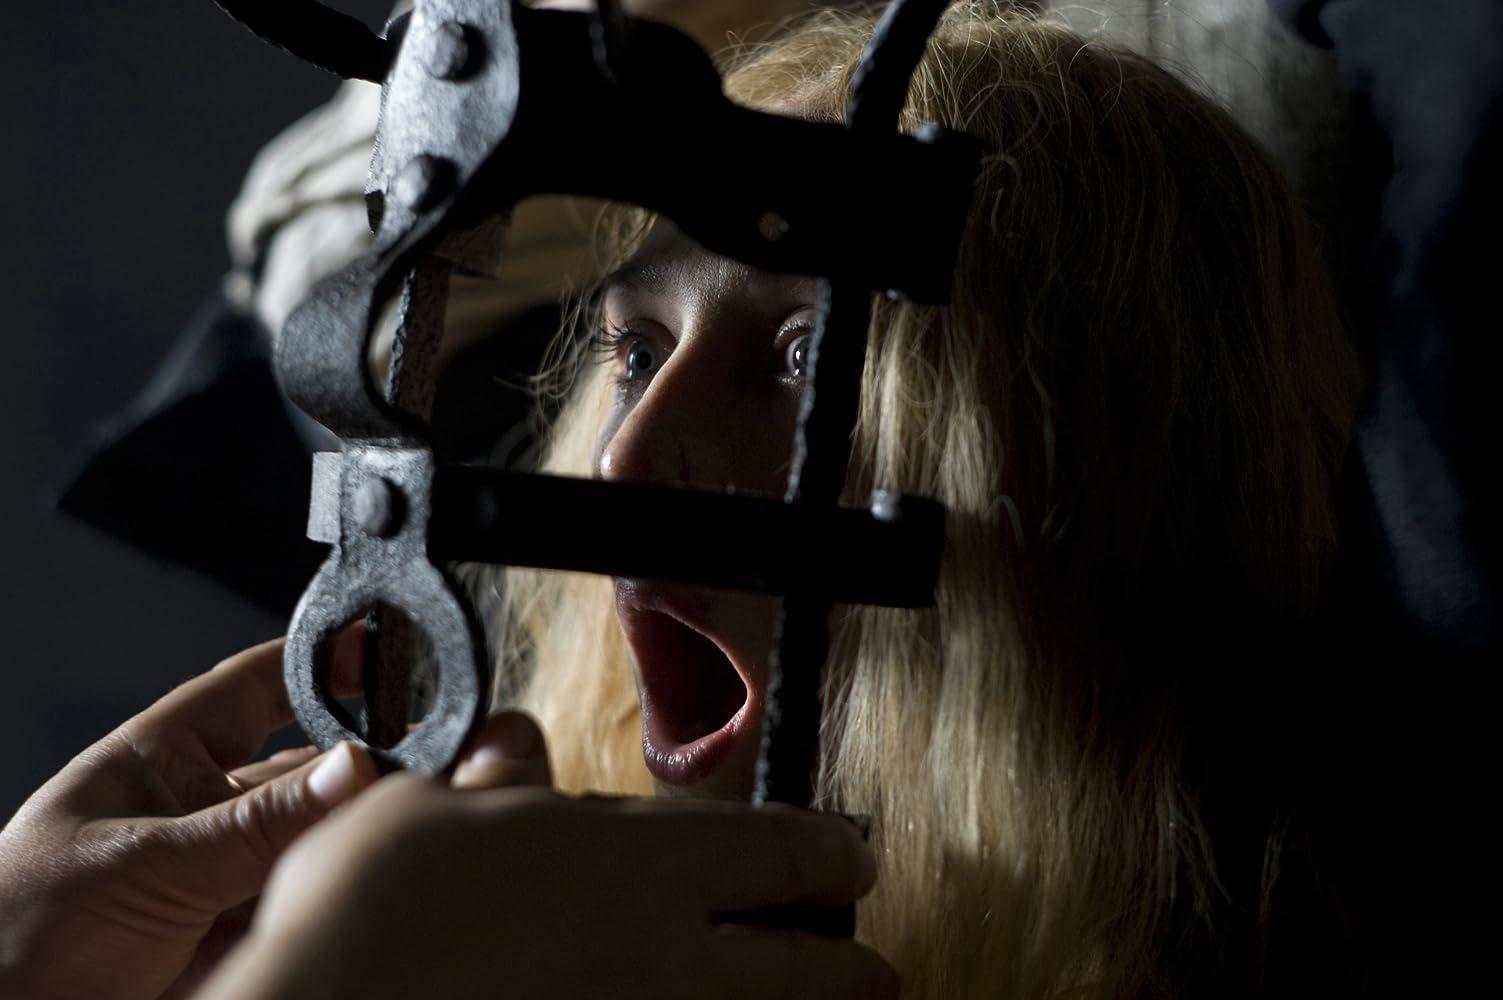 Carice van Houten in Black Death (2010)